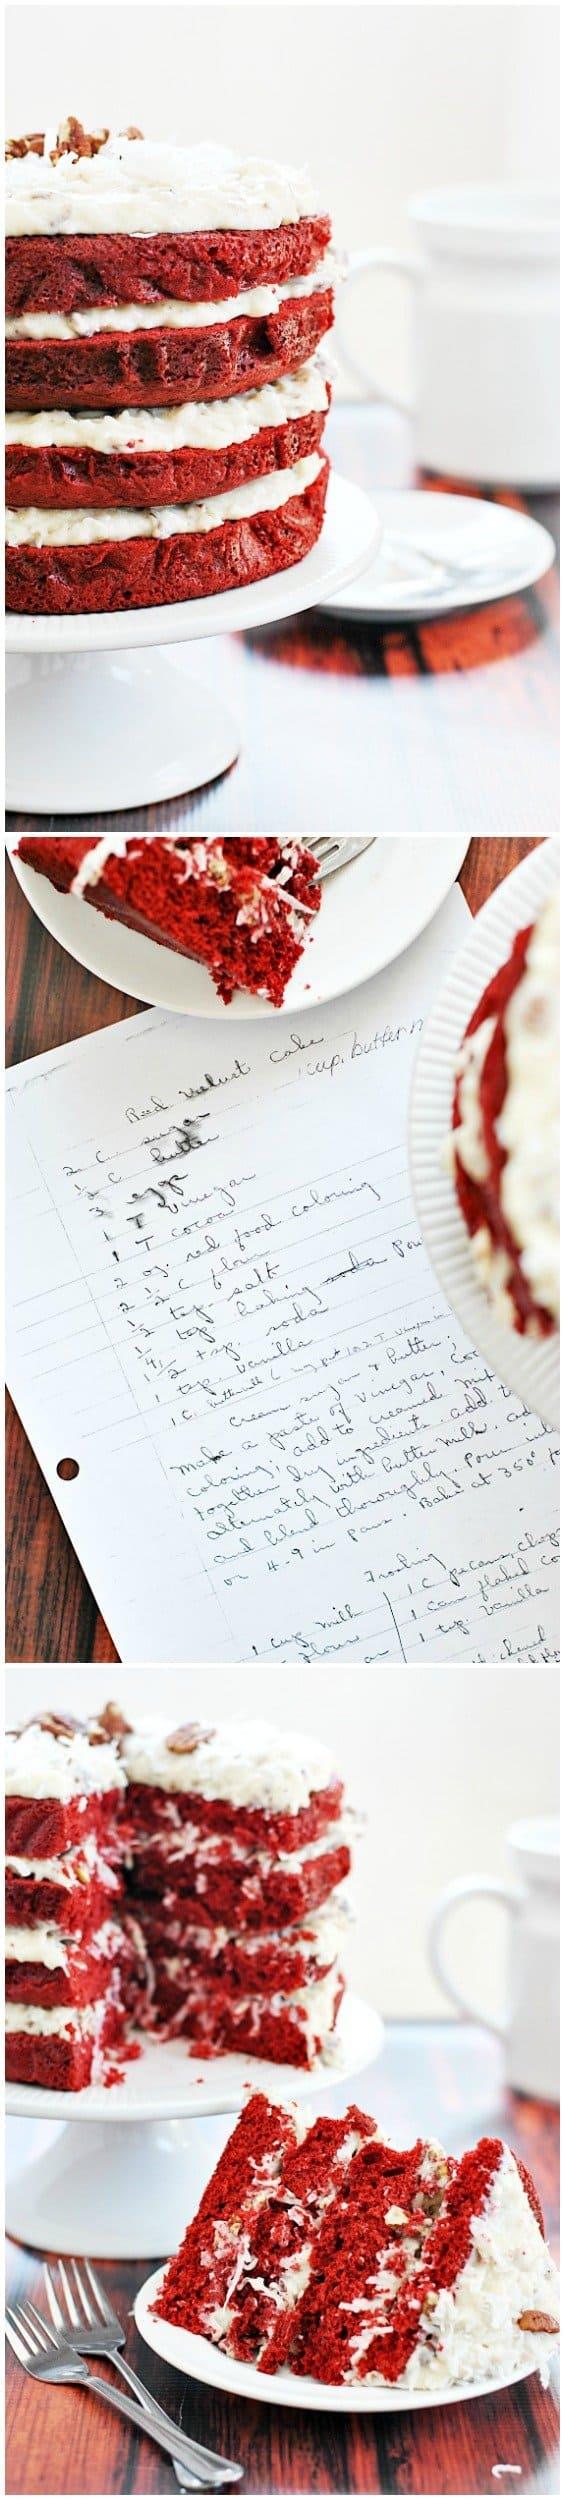 Grandma's Red Velvet Cake | www.somethingswanky.com